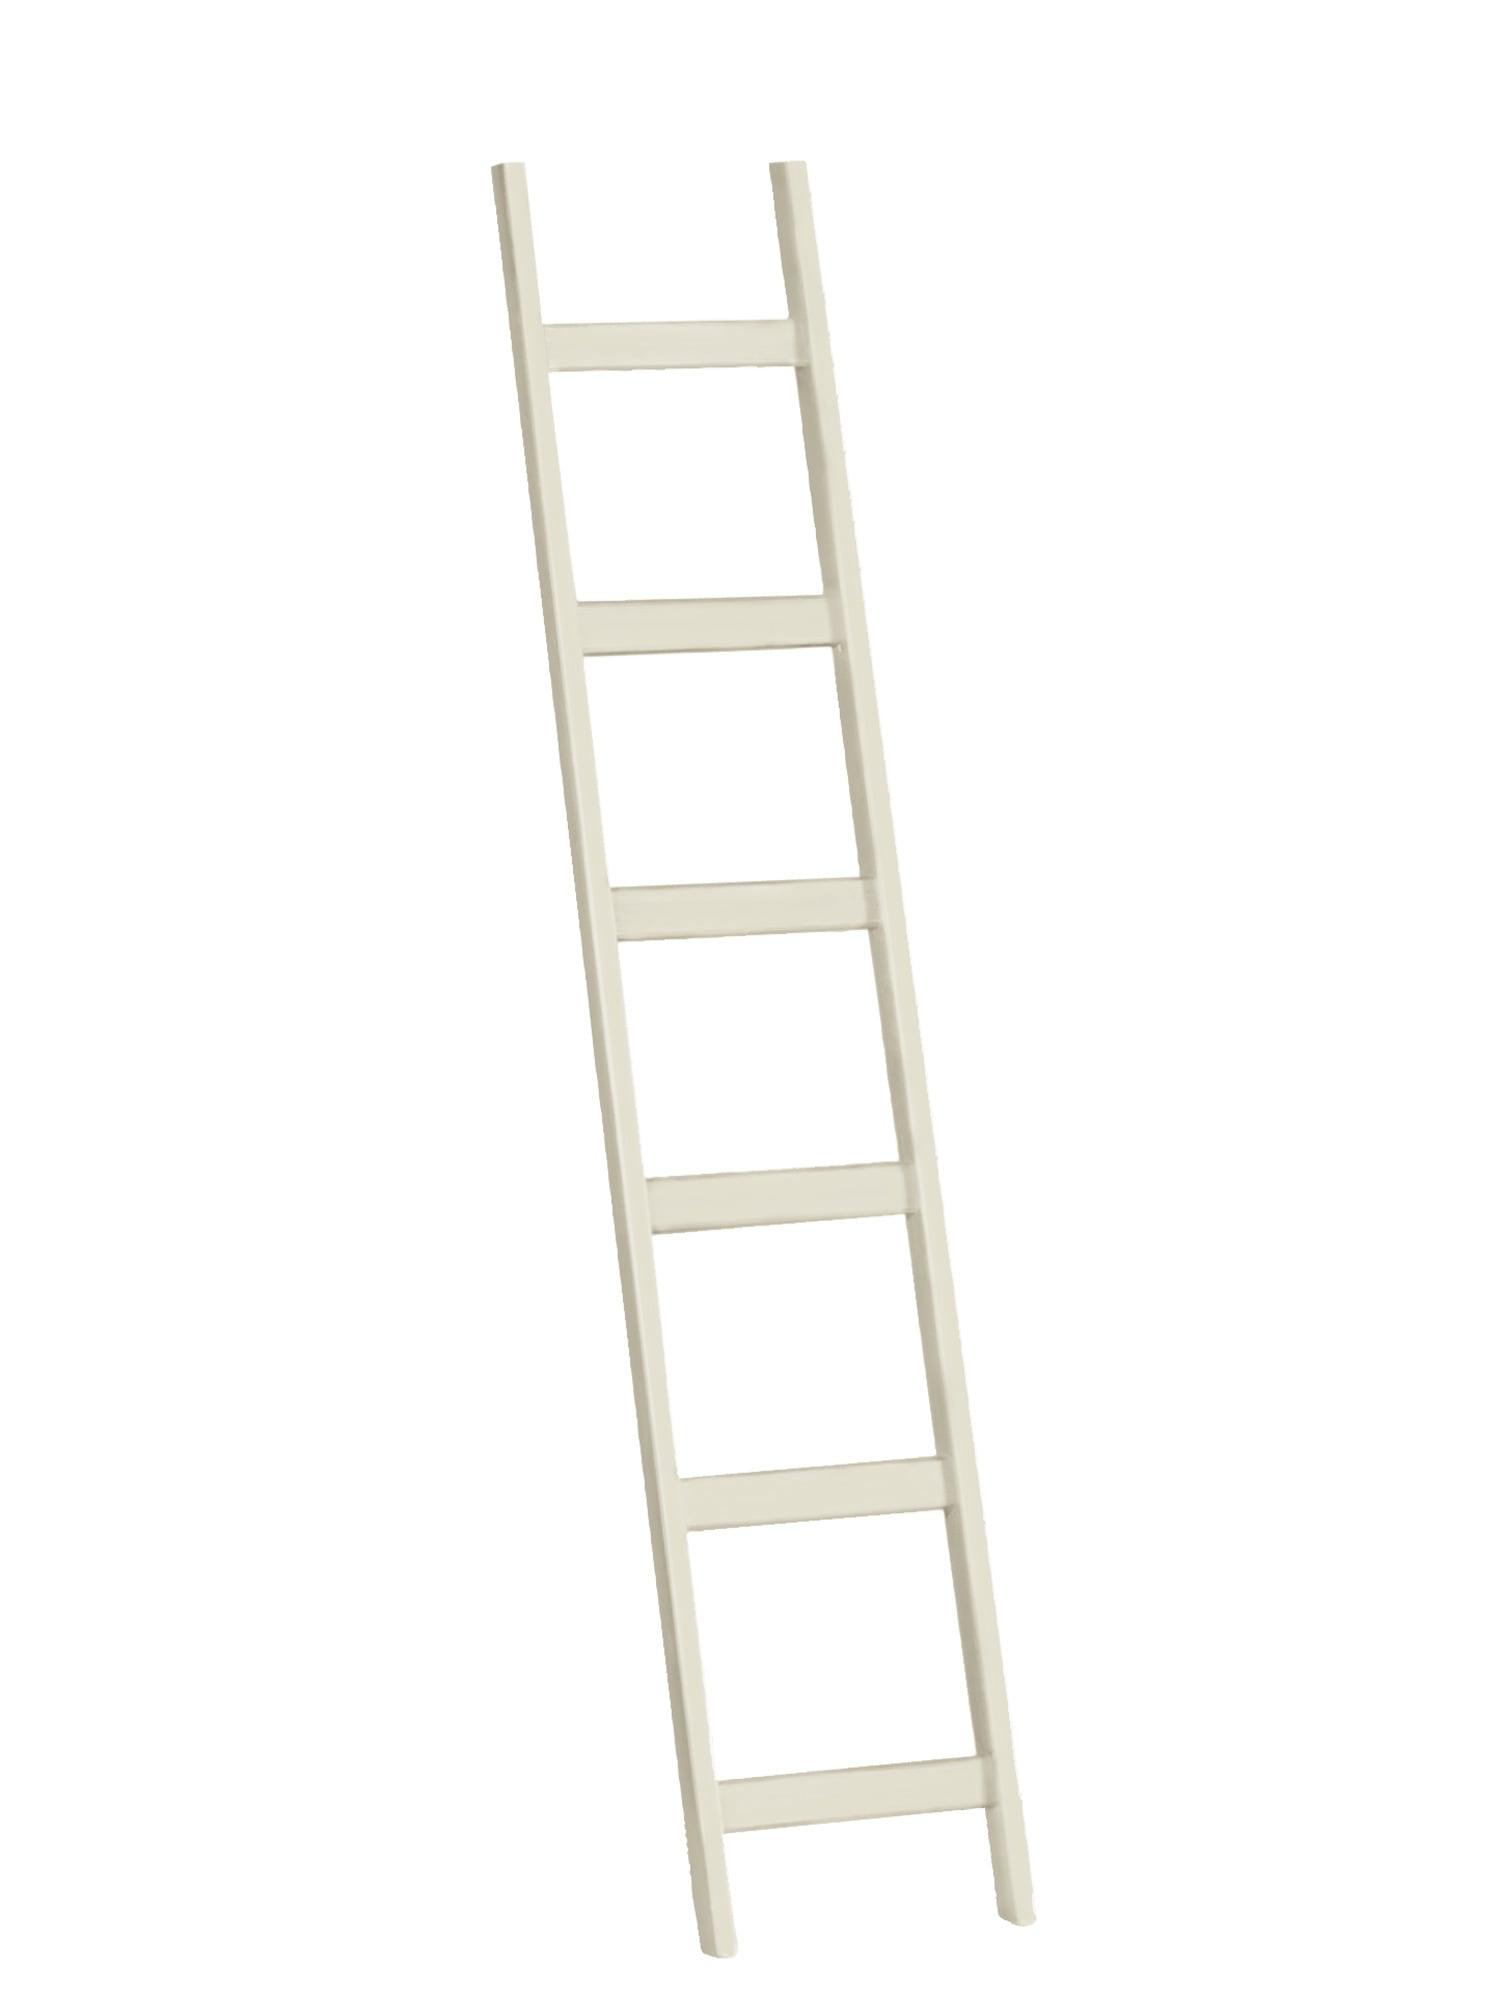 Leiter passend zur Wohnwand passend zur Wohnwand passend zur Wohnwand passend zur Wohnwand